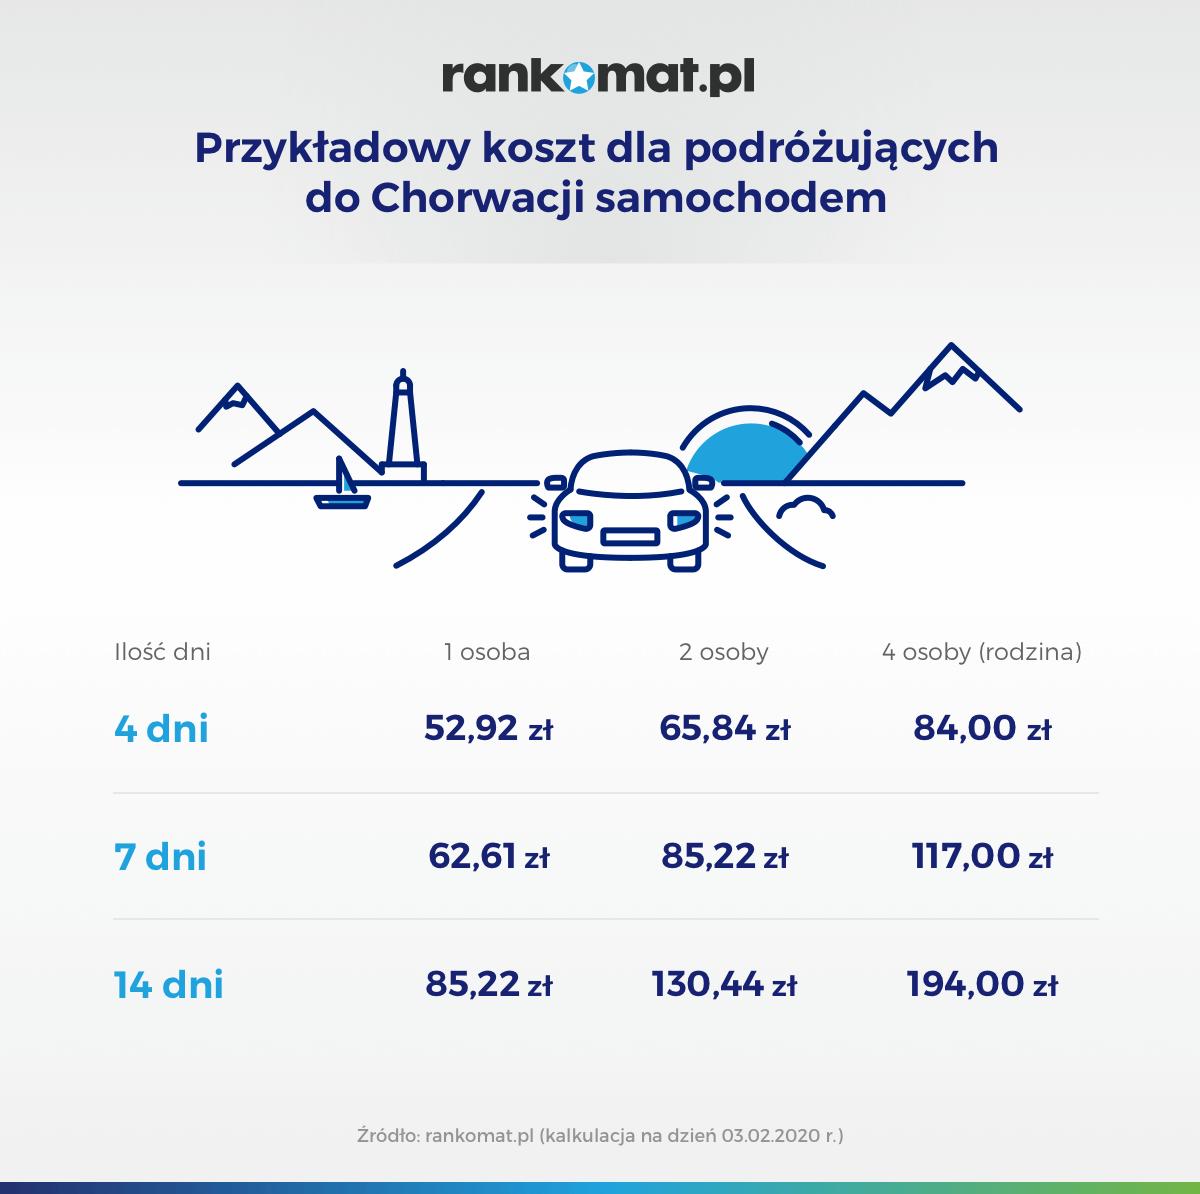 Ubezpieczenie w Chorwacji. Przykładowy koszt ubezpieczenia dla podróżujących autem do Chorwacji